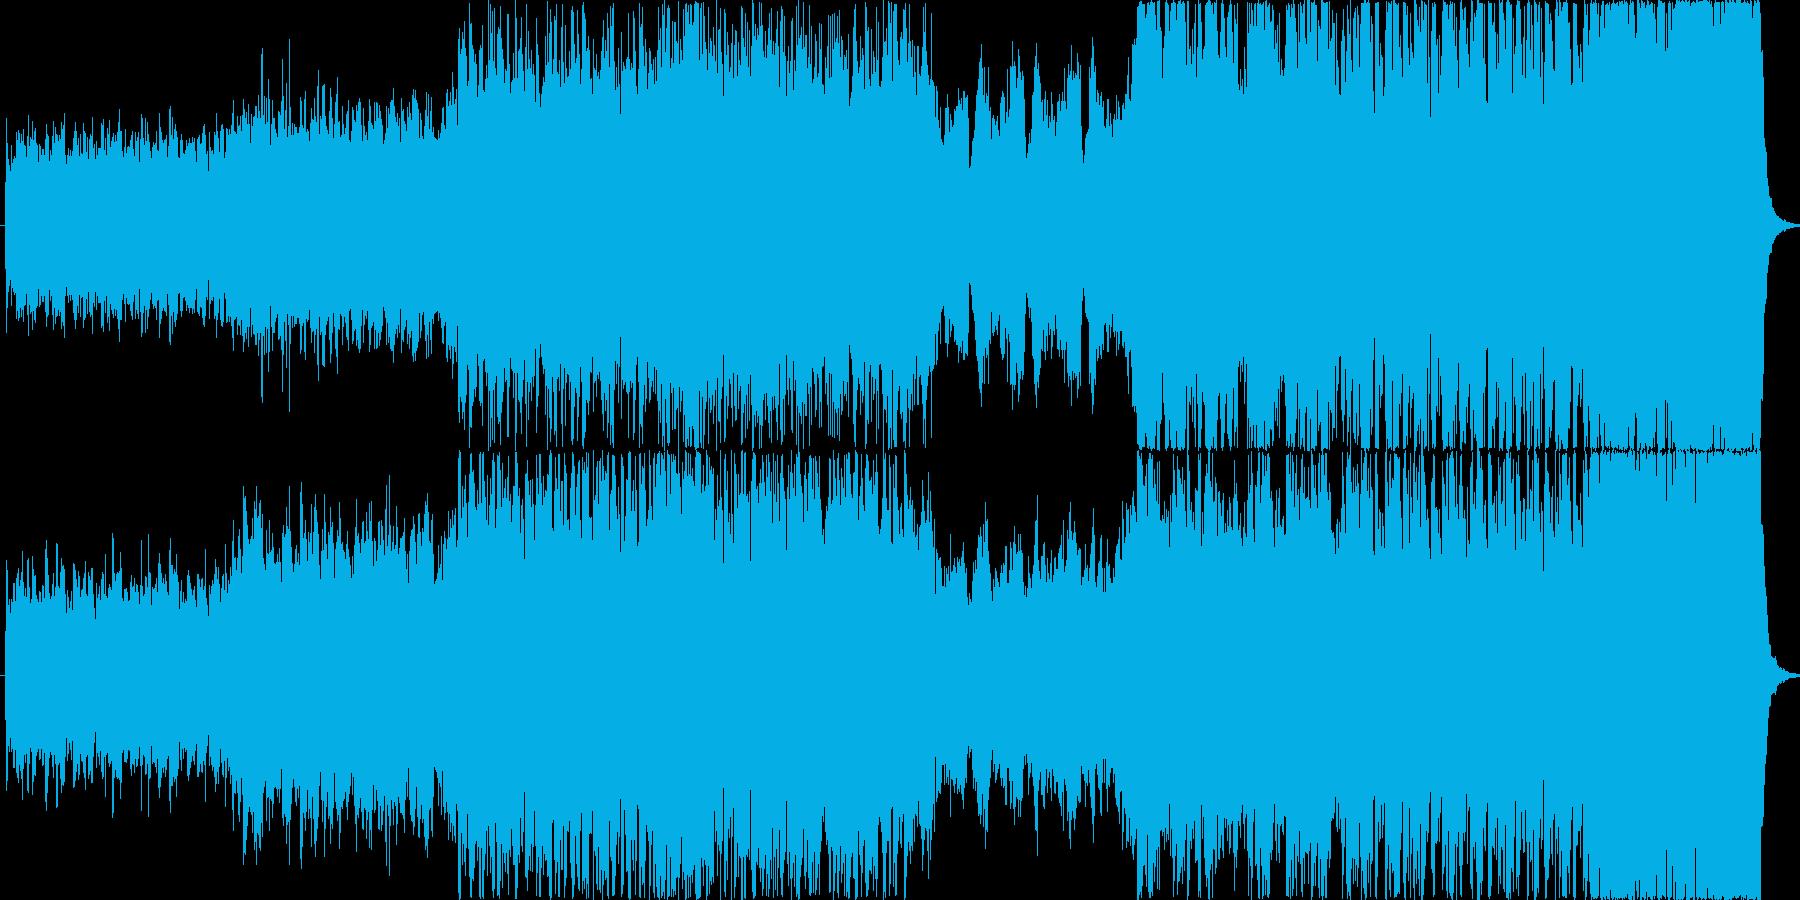 ハリウッドテイストな躍動感ある曲の再生済みの波形